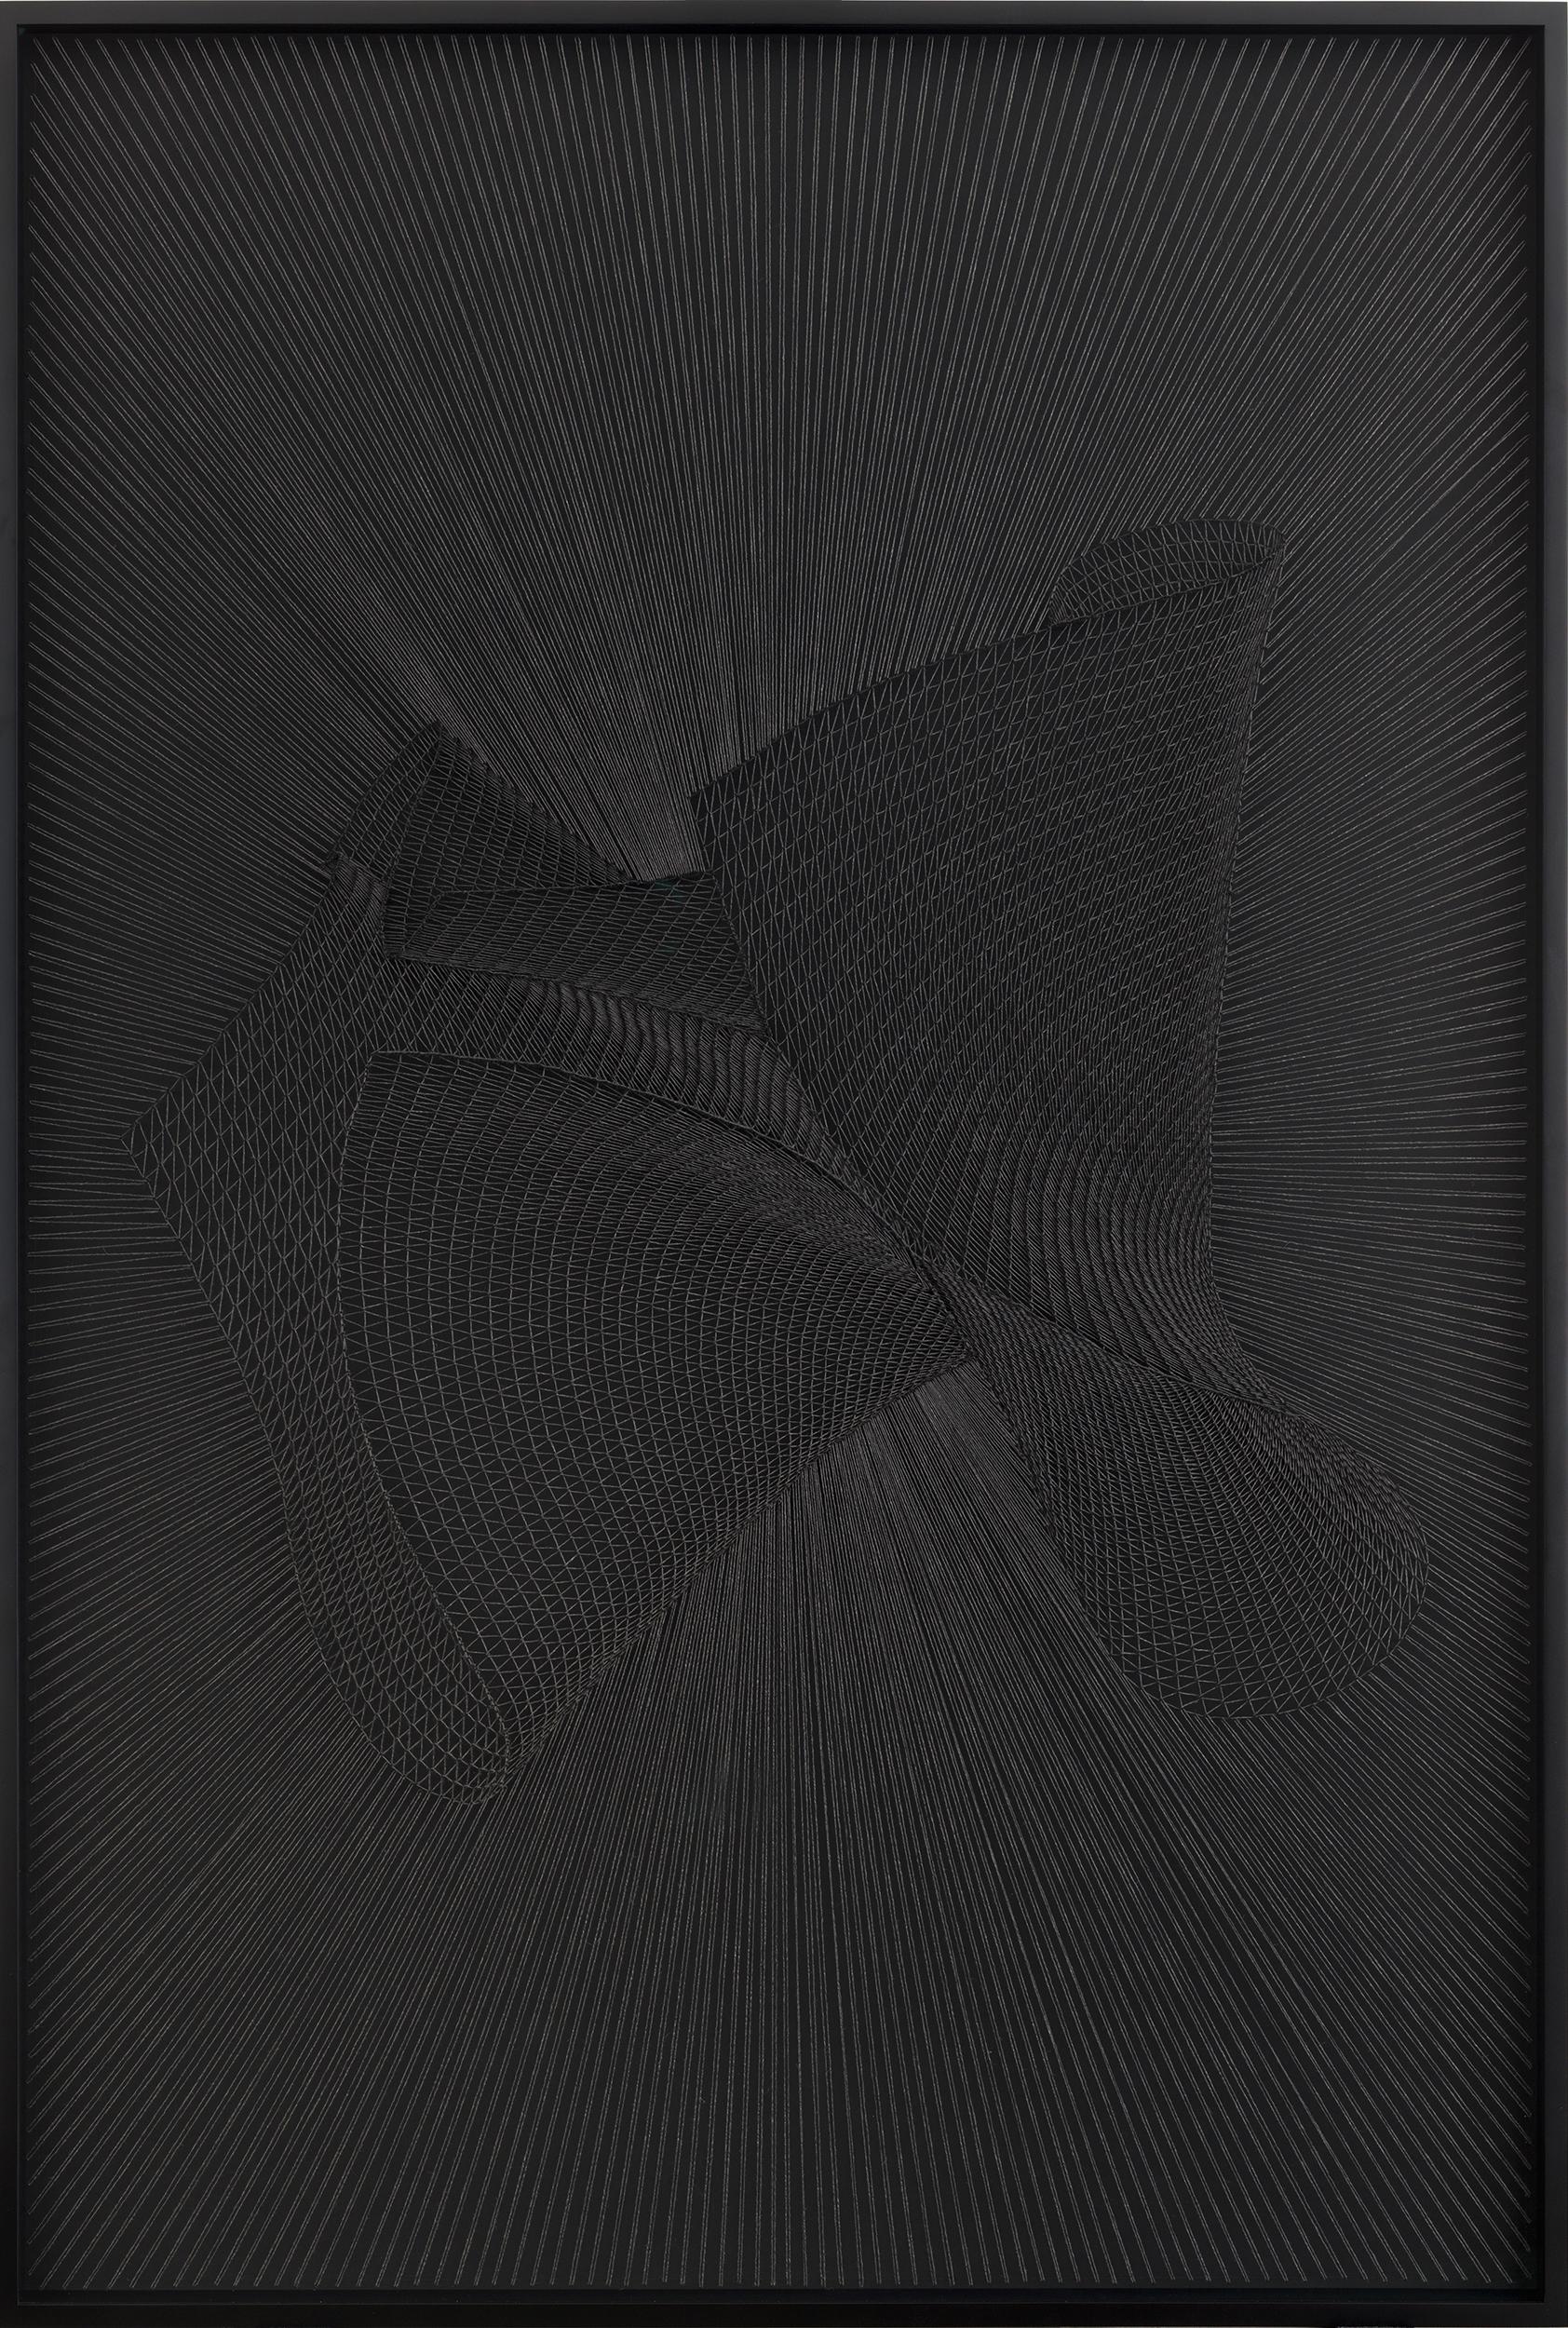 alyson-shotz-gravity-fold.jpg